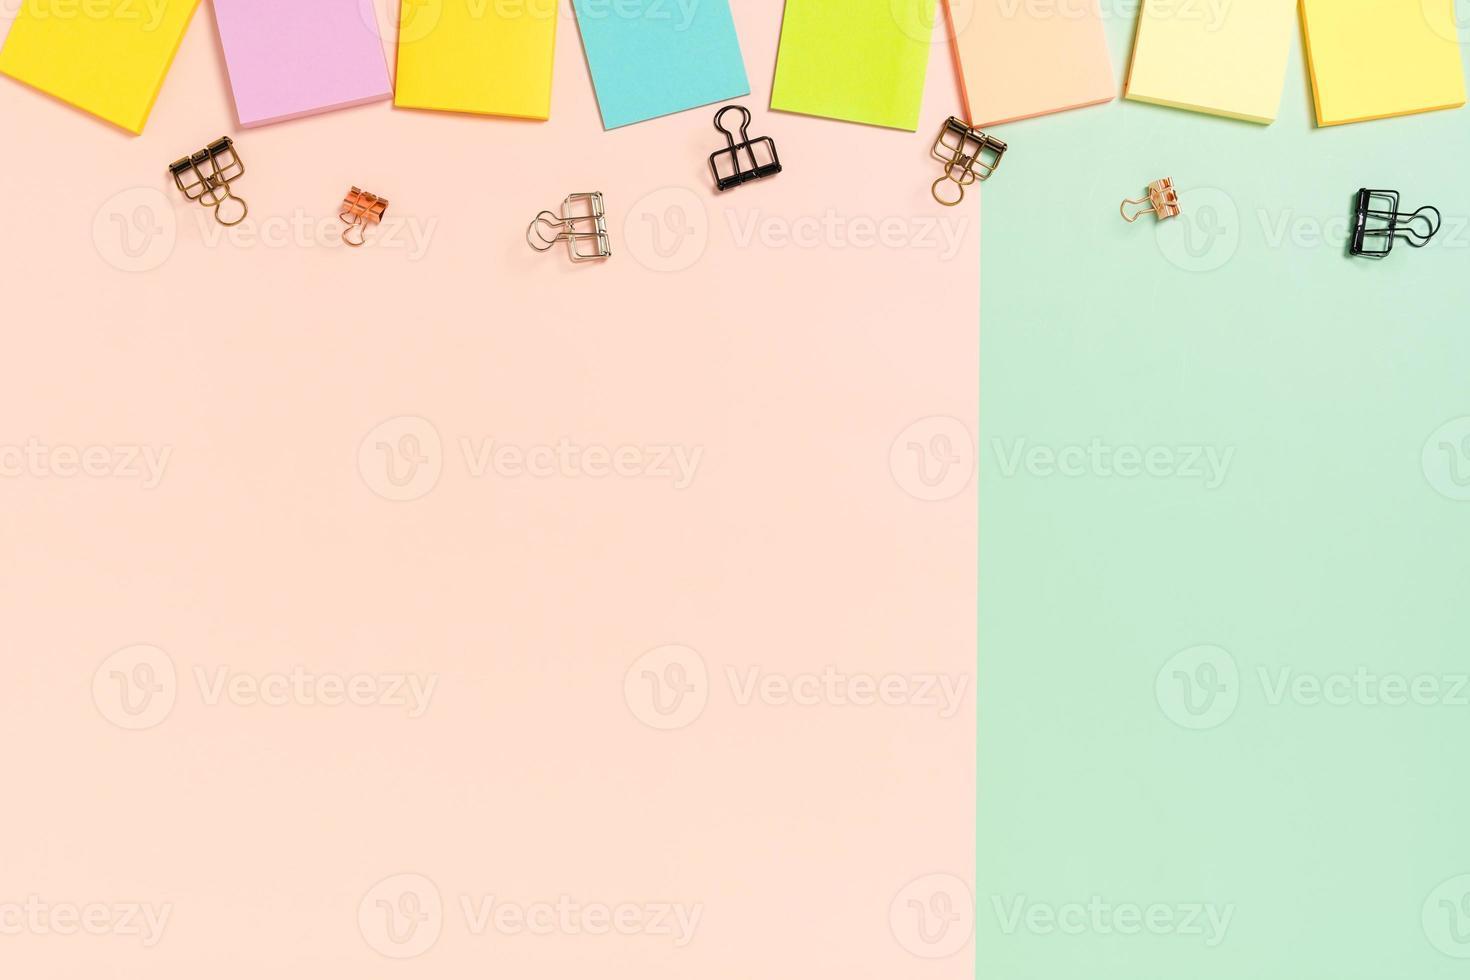 espacio de trabajo mínimo: foto creativa plana del escritorio del espacio de trabajo. Escritorio de oficina de vista superior con nota adhesiva sobre fondo de color rosa verde pastel. vista superior con espacio de copia, fotografía plana.